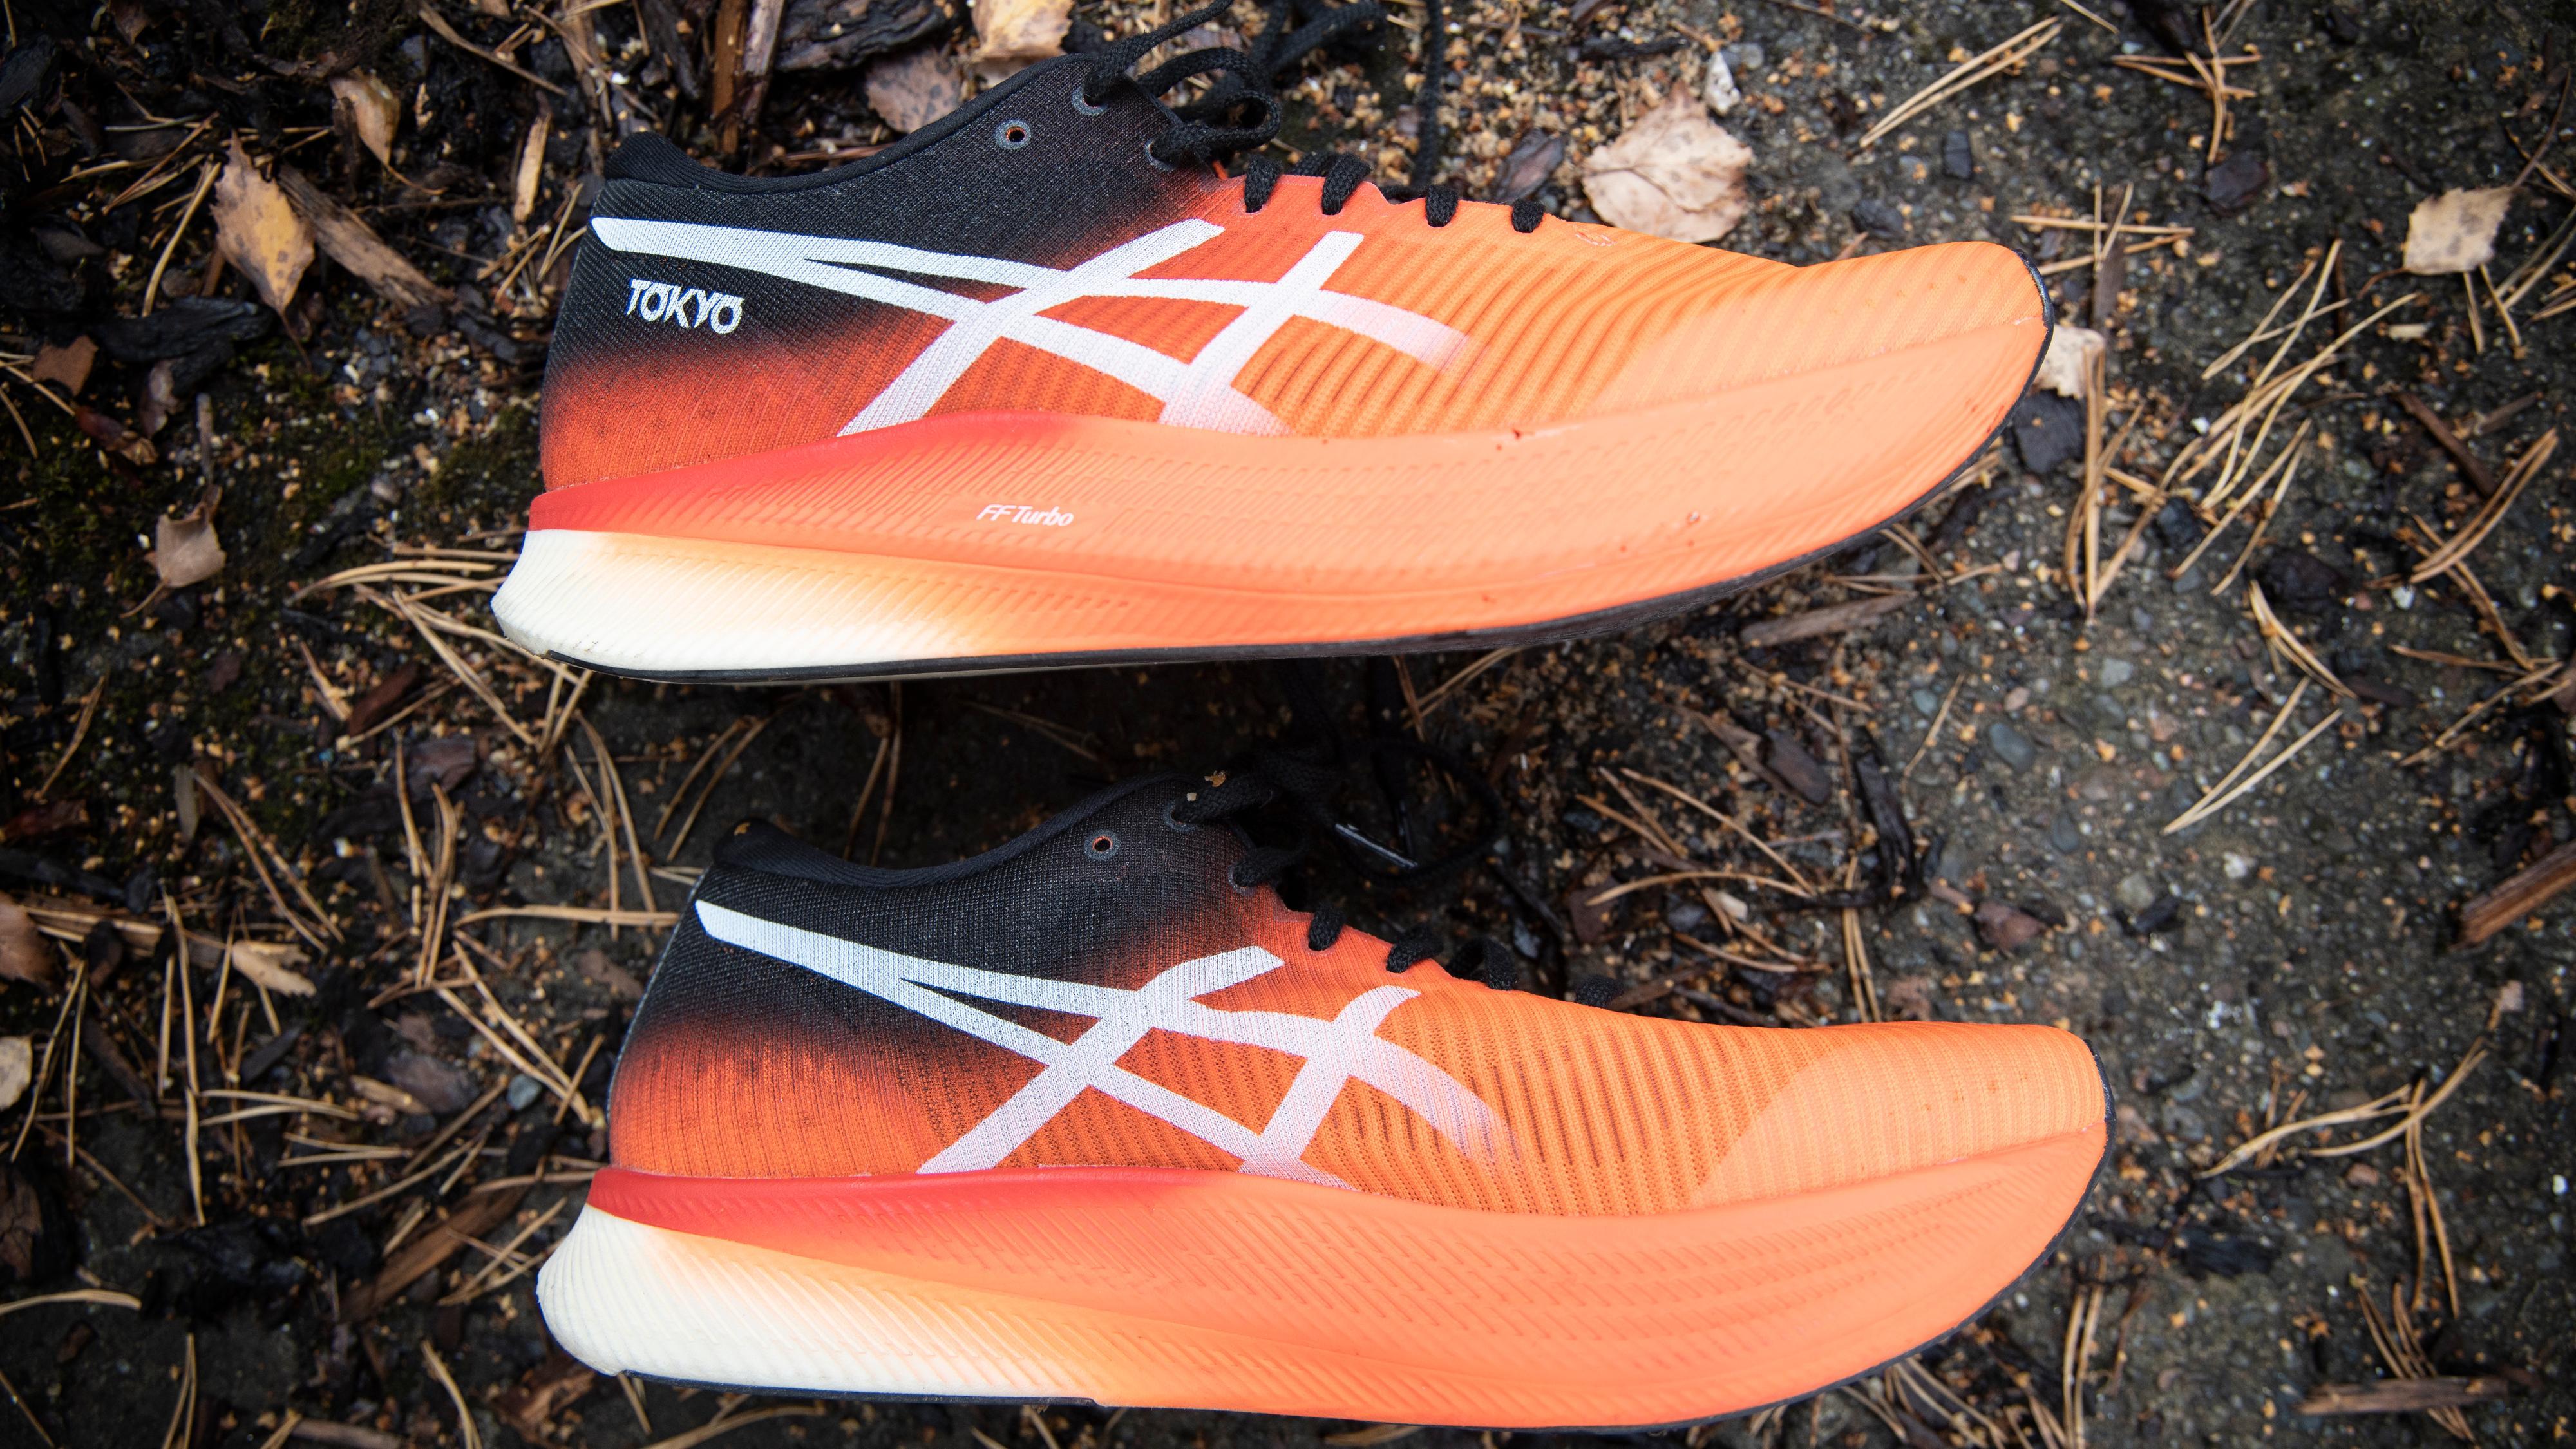 Dropp-tallet på fem millimeter lyver egentlig litt for Asics-skoene, siden hælen også er litt løftet fra bakken.